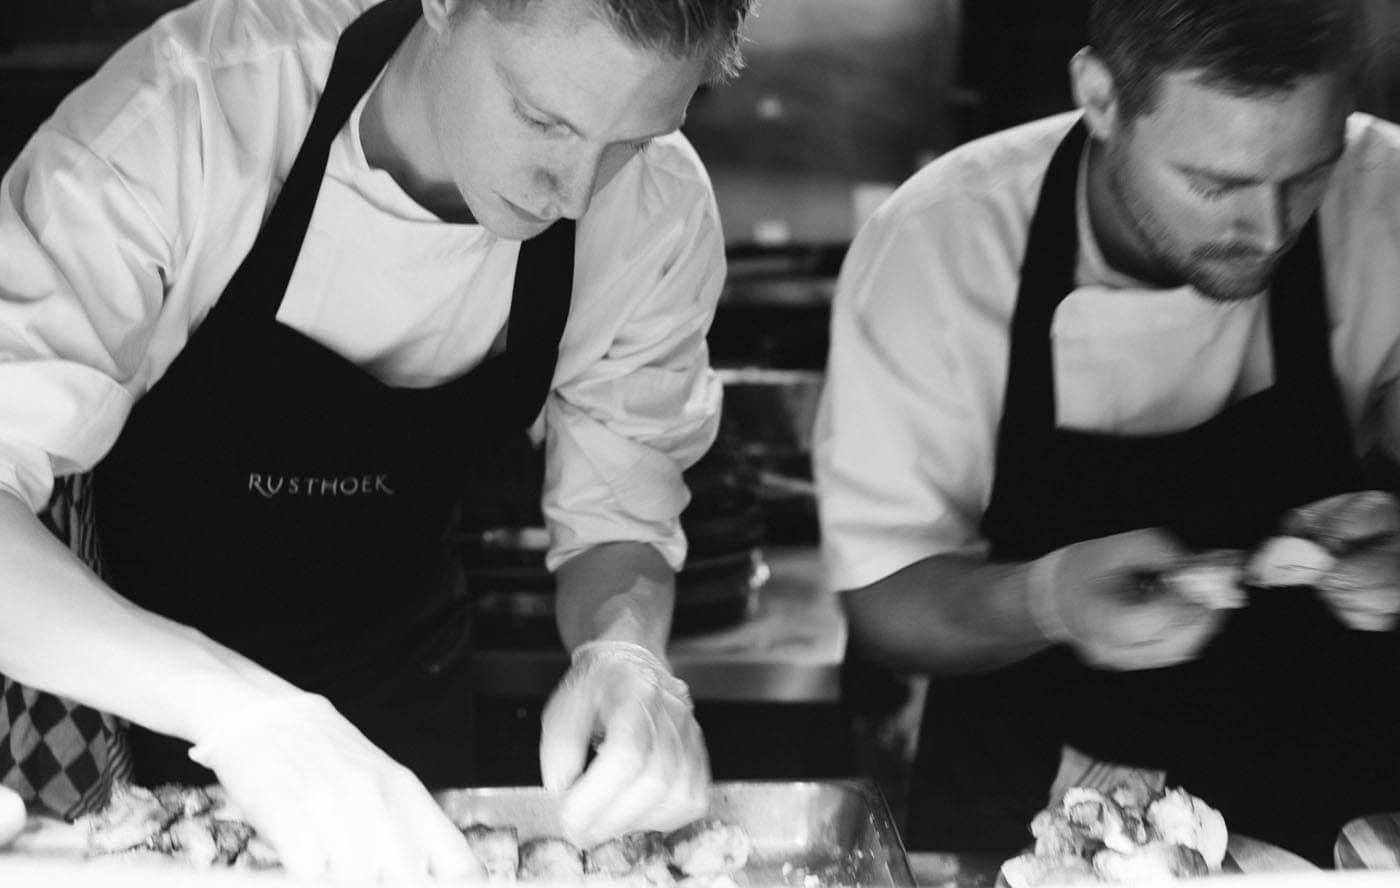 Bedrijfsfotografie Bedrijfsfotograaf Bedrijfsfoto's Rusthoek Bar & Grill Restaurant Cafe Bloemendaal Bedrijfsreportage